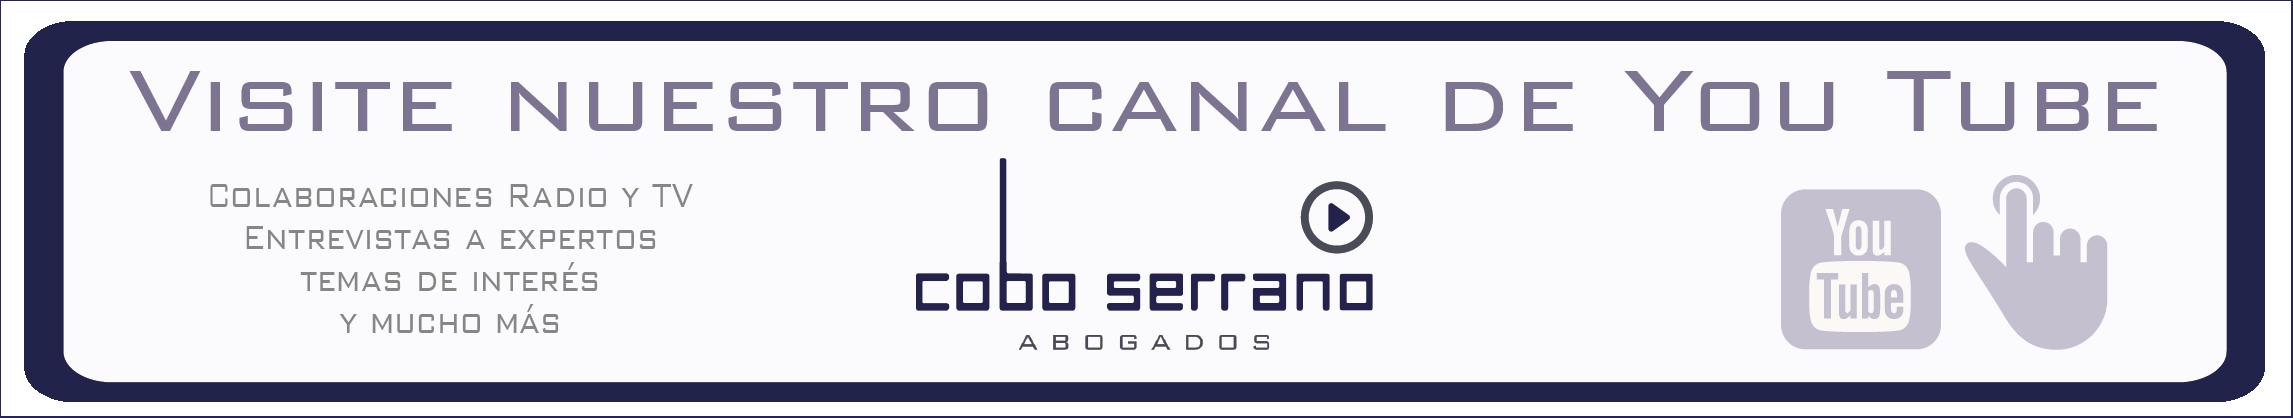 YouTube Cobo Serrano Abogados